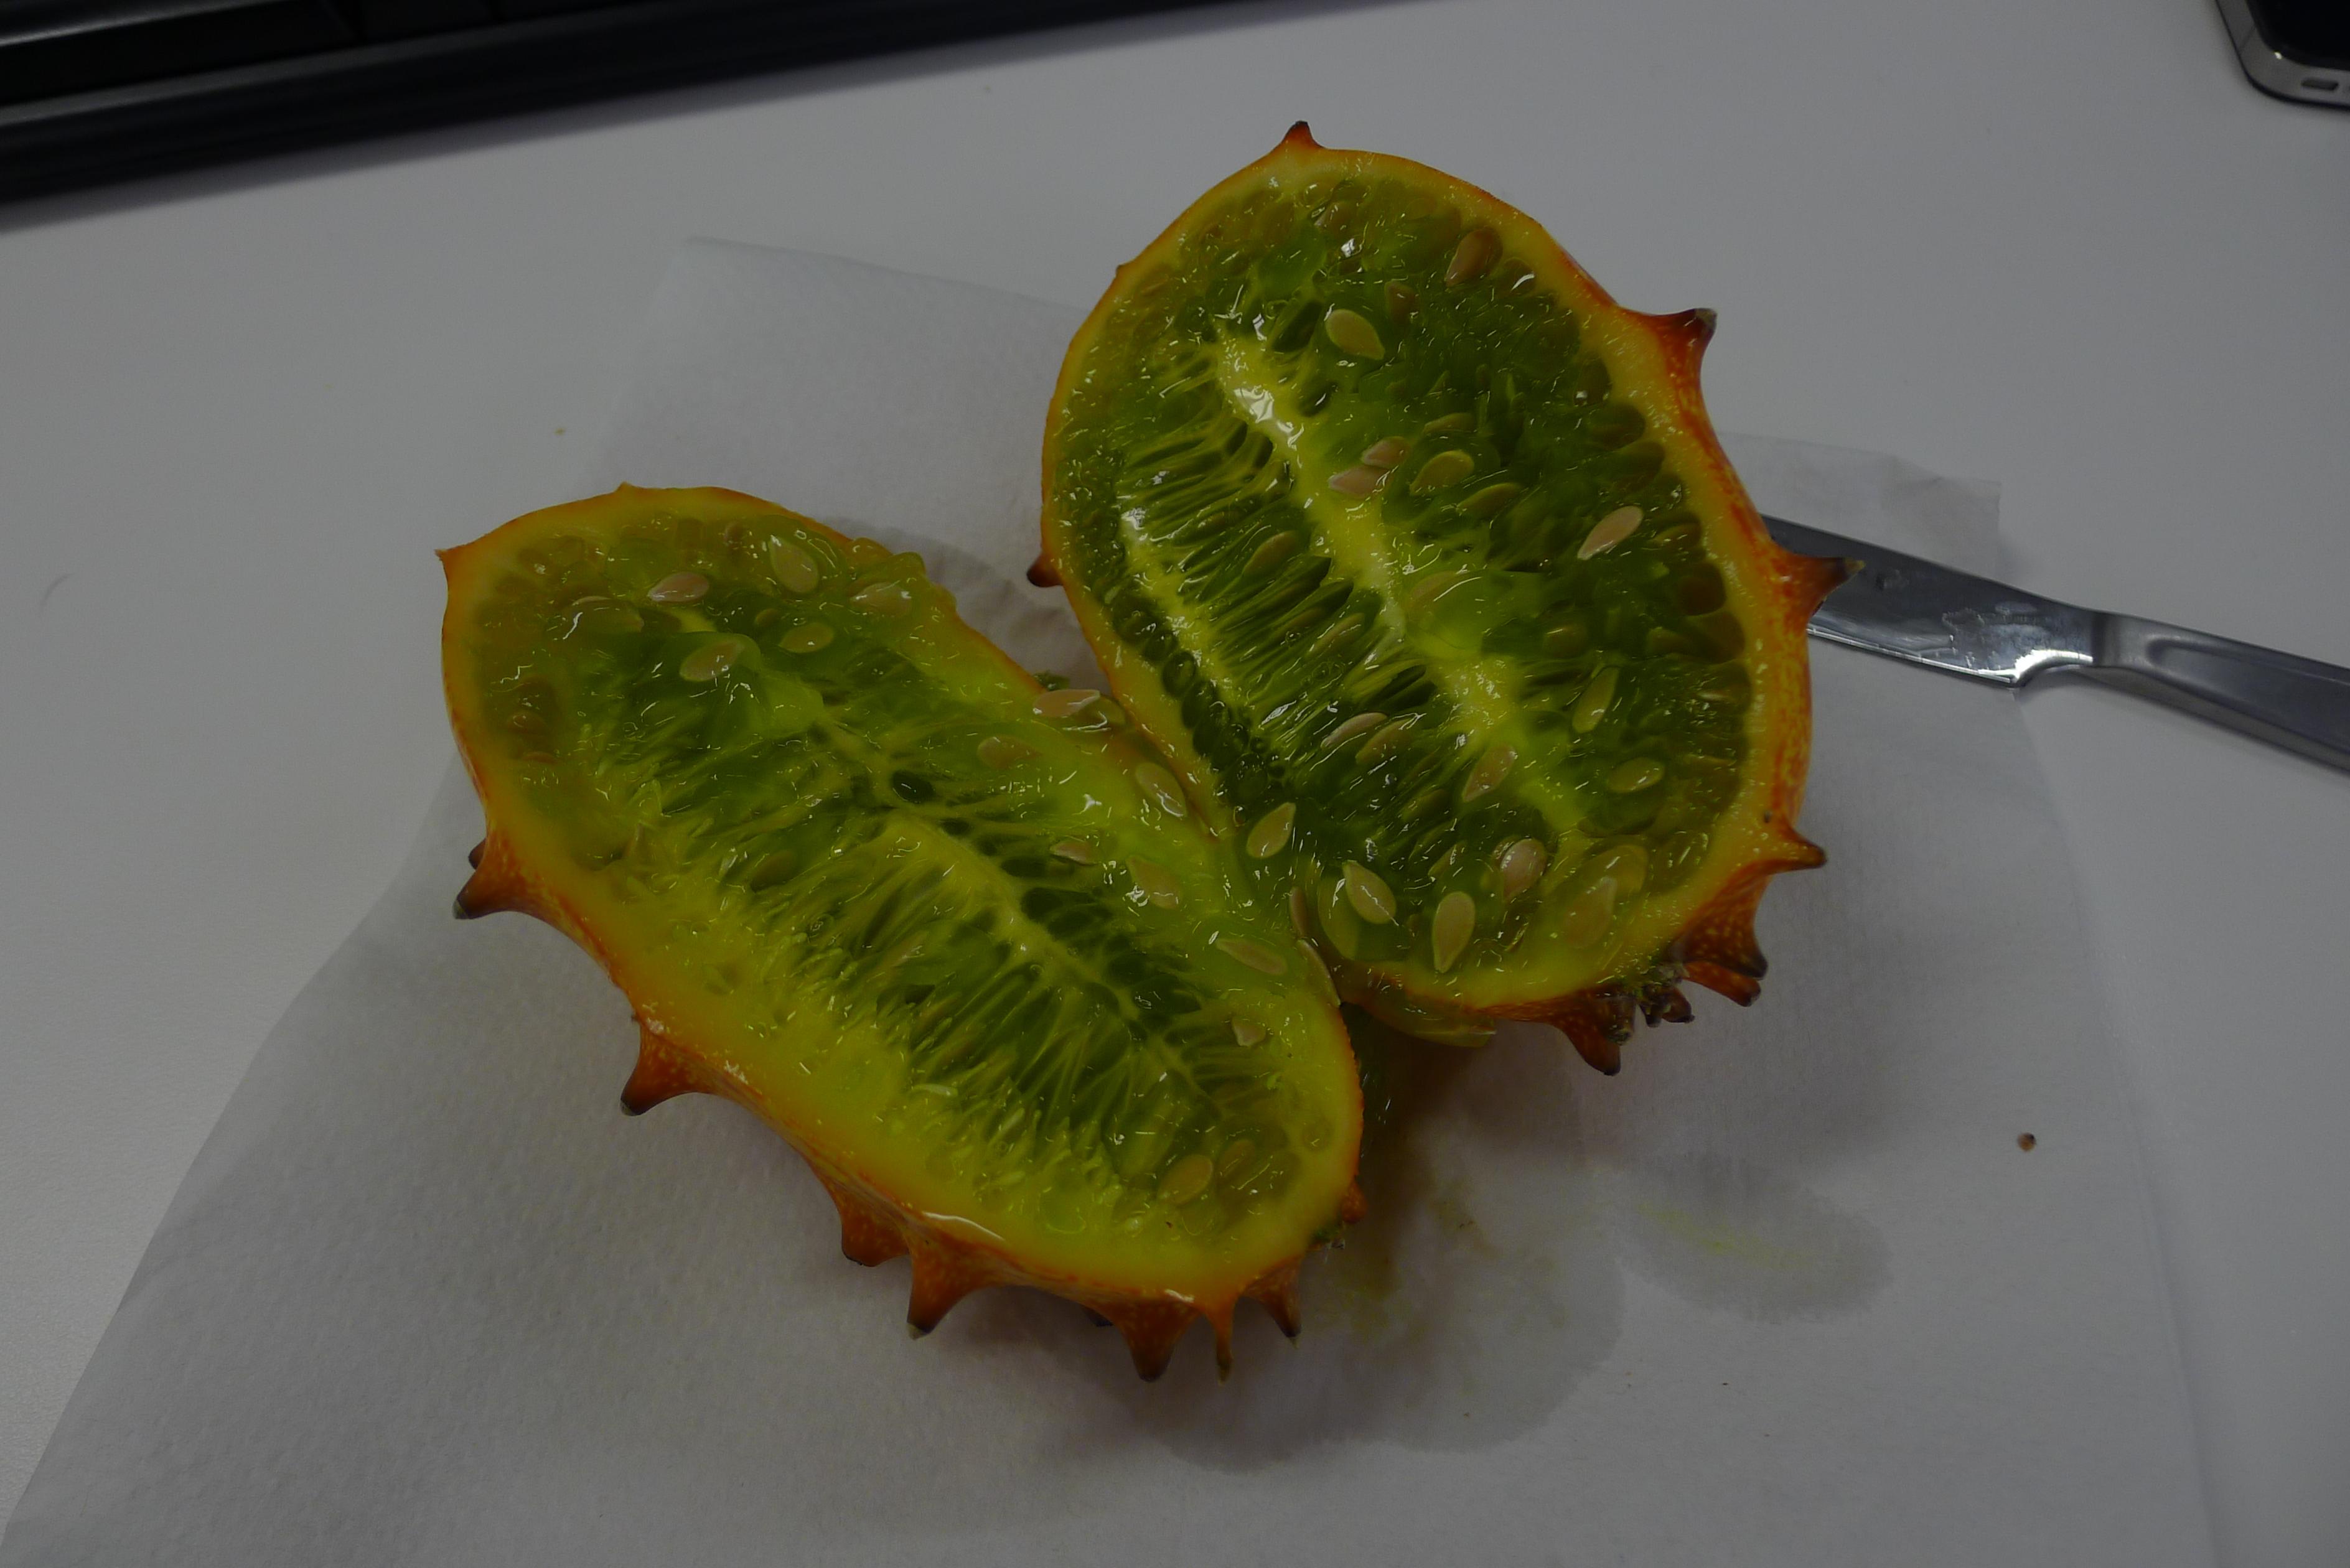 Horny melon